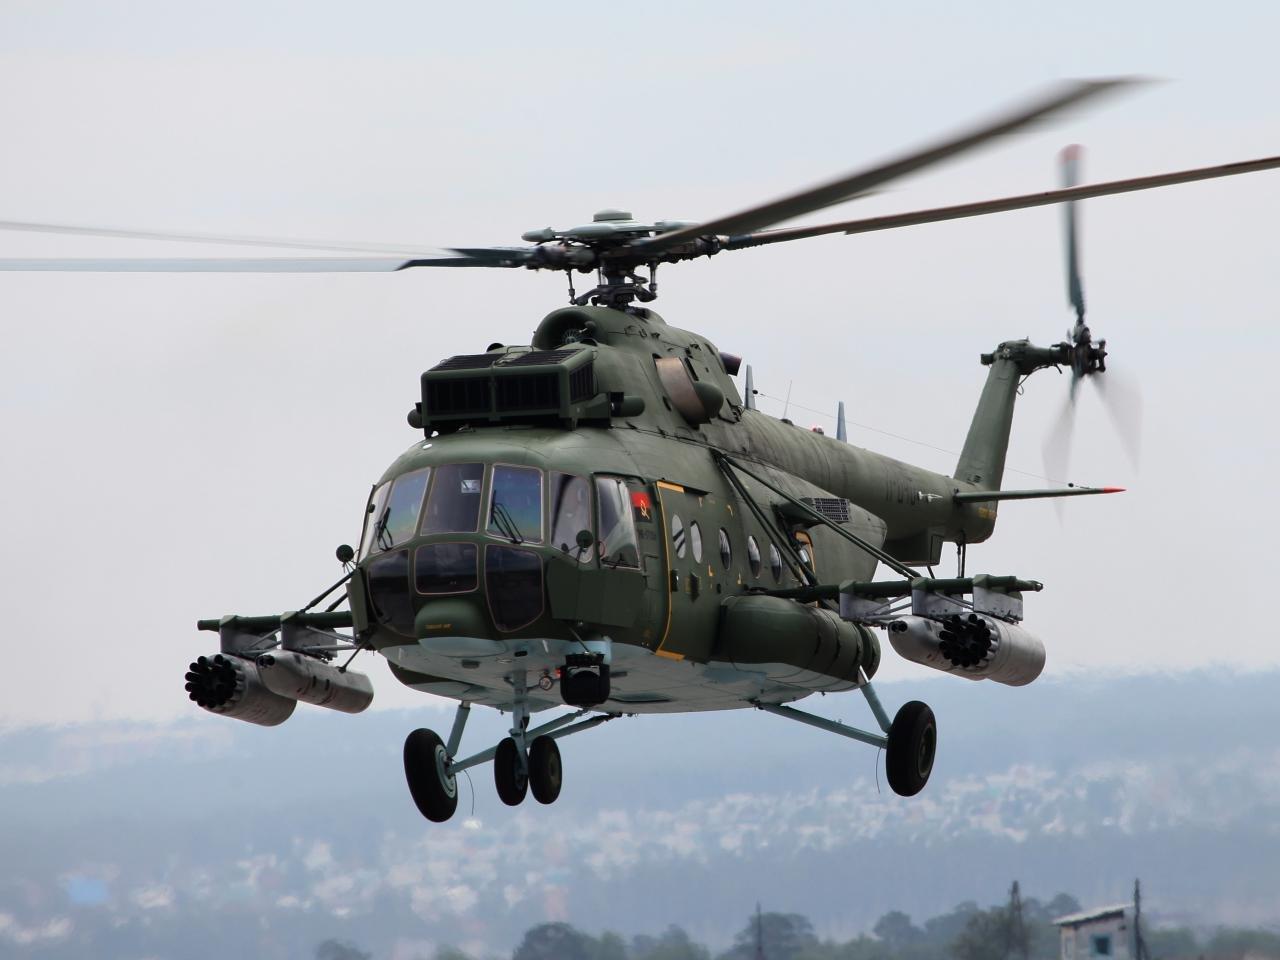 В Российской Федерации разработали две концепции сверхскоростного вертолета